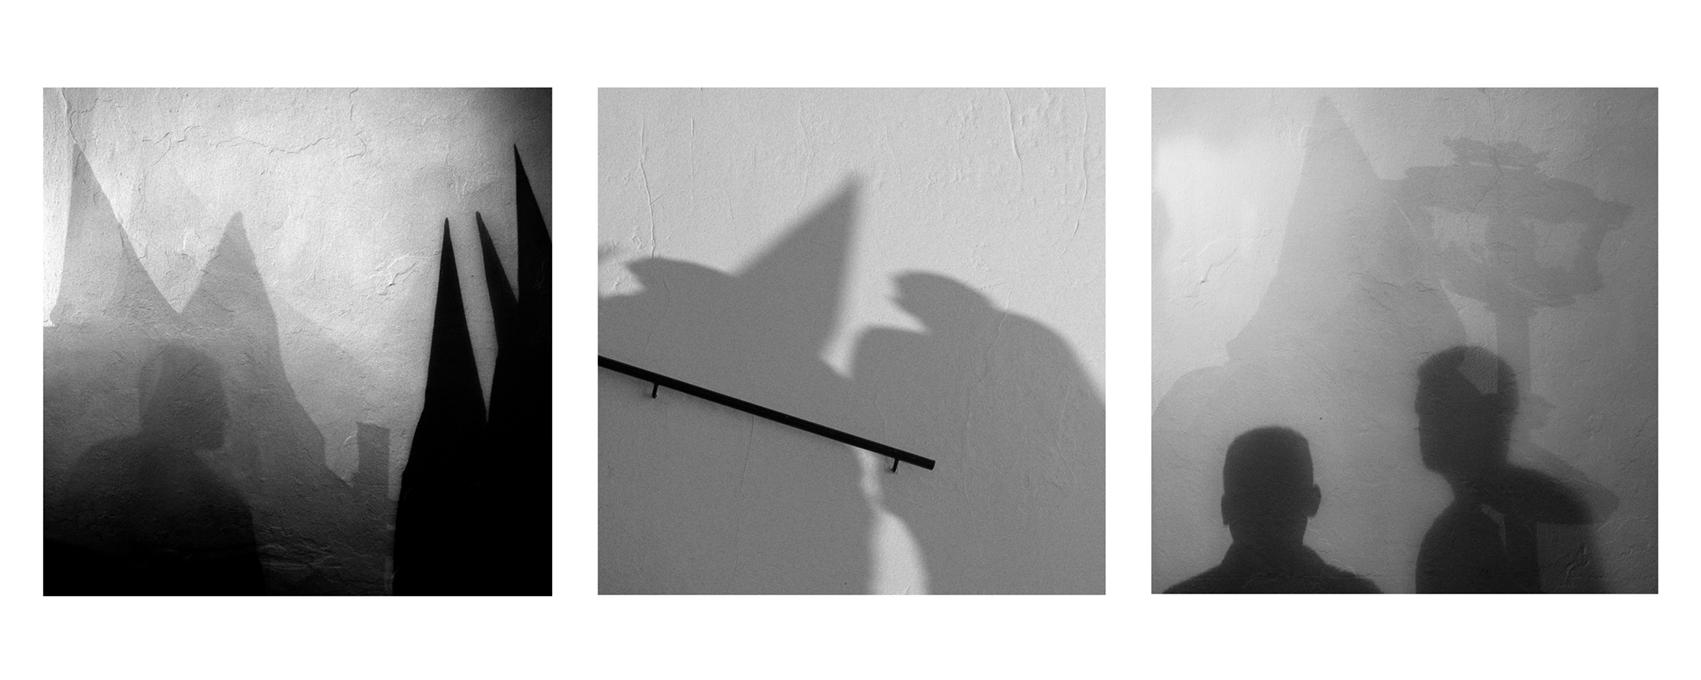 036 - Sombras De Penitencia